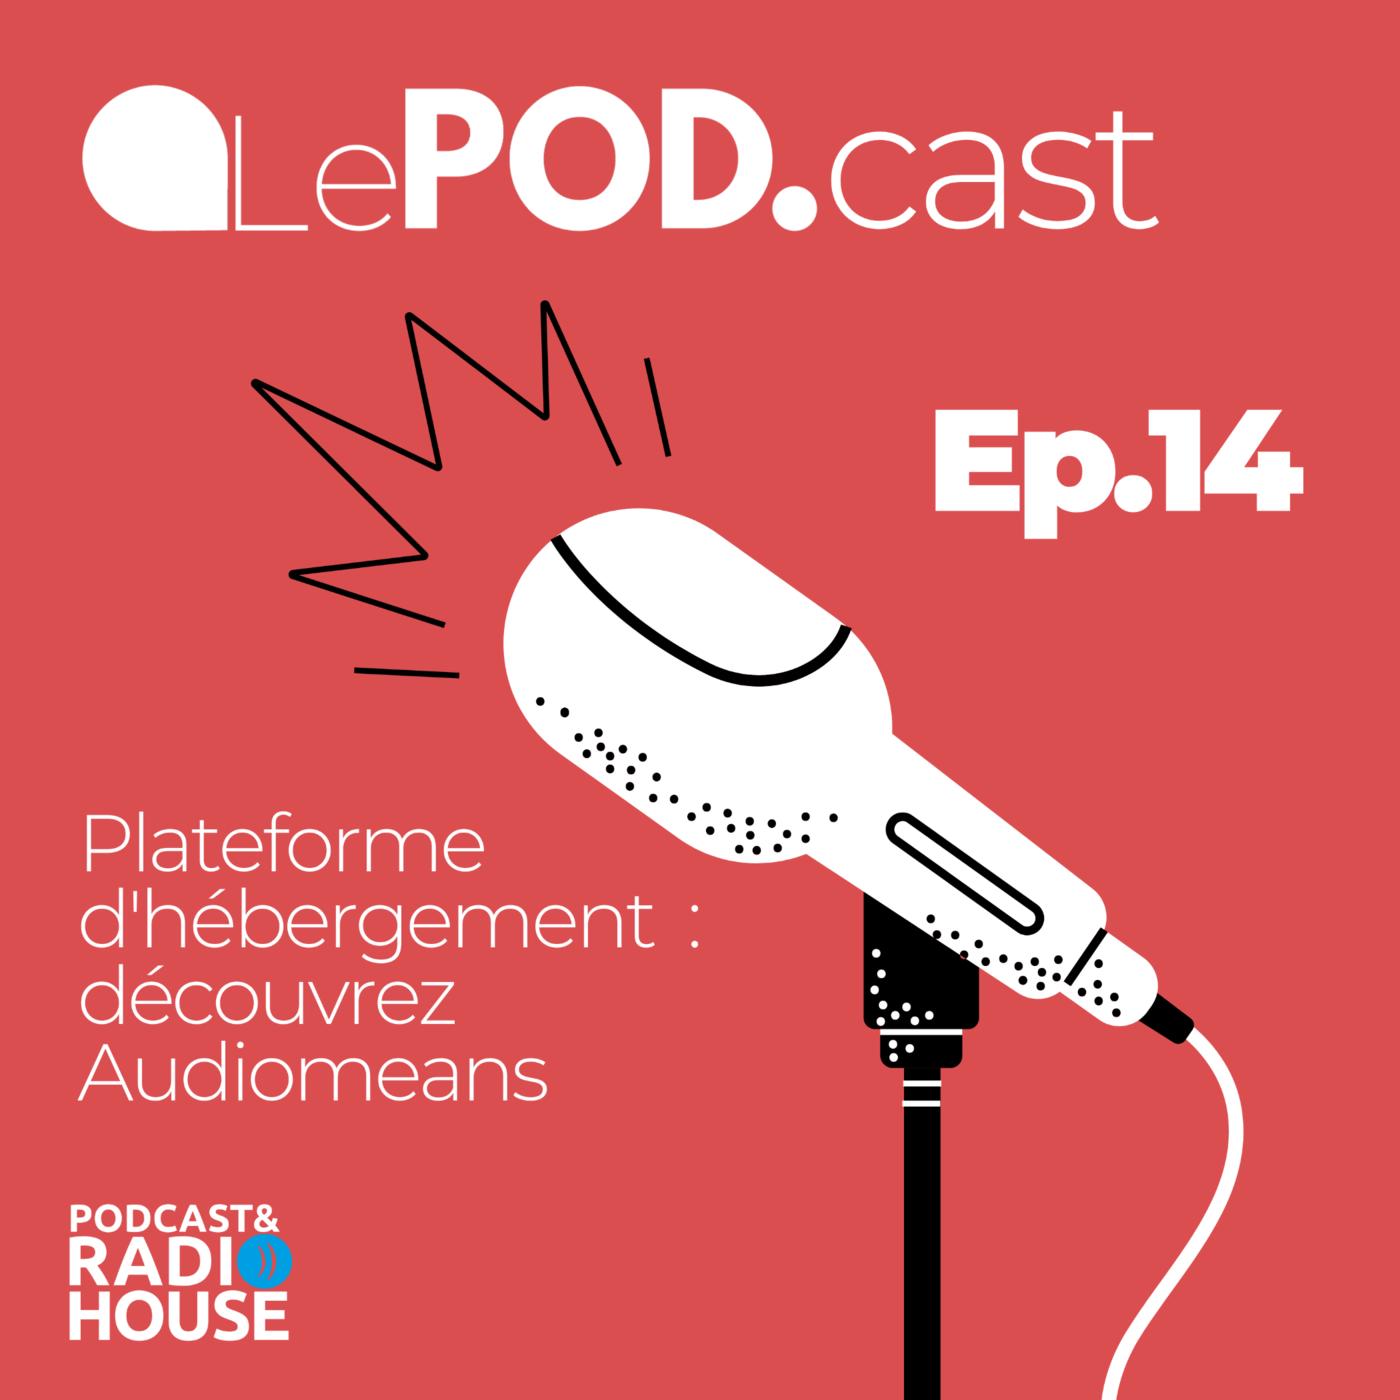 EP.14 - Plateforme d'hébergement : Audiomeans - Le POD.